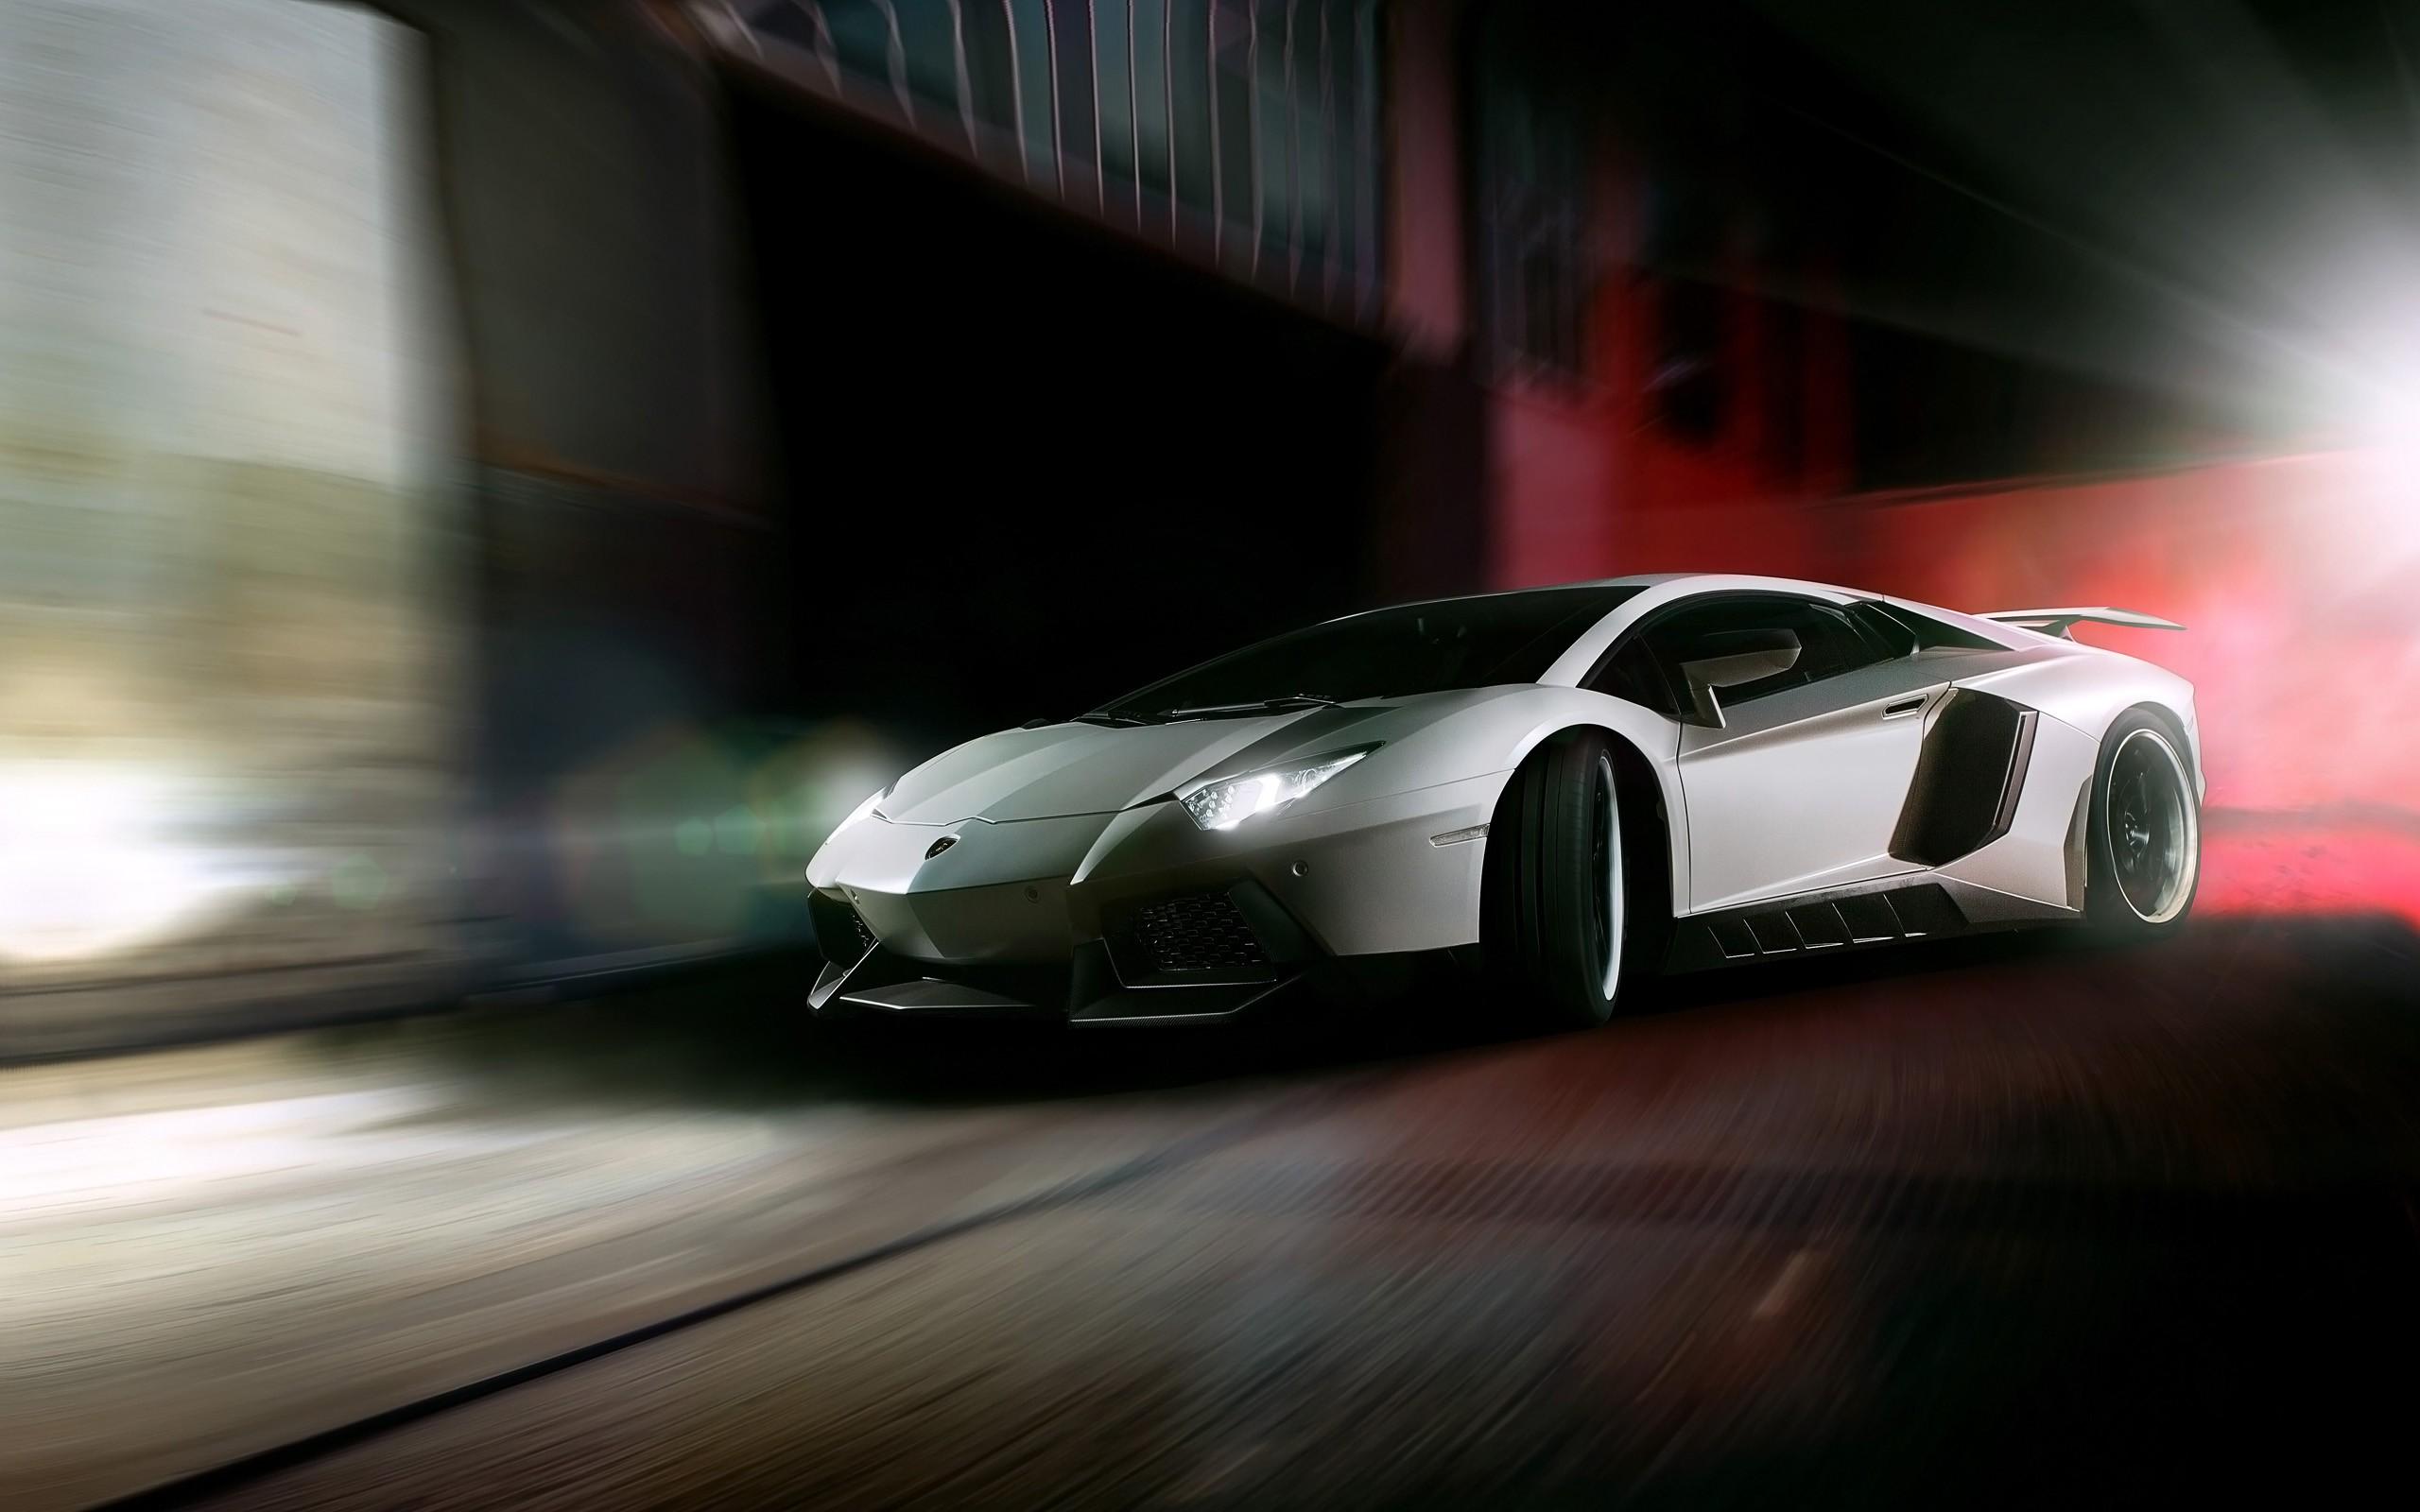 x 1600 2009 lamborghini gallardo - Lamborghini Aventador Wallpaper Hd Widescreen